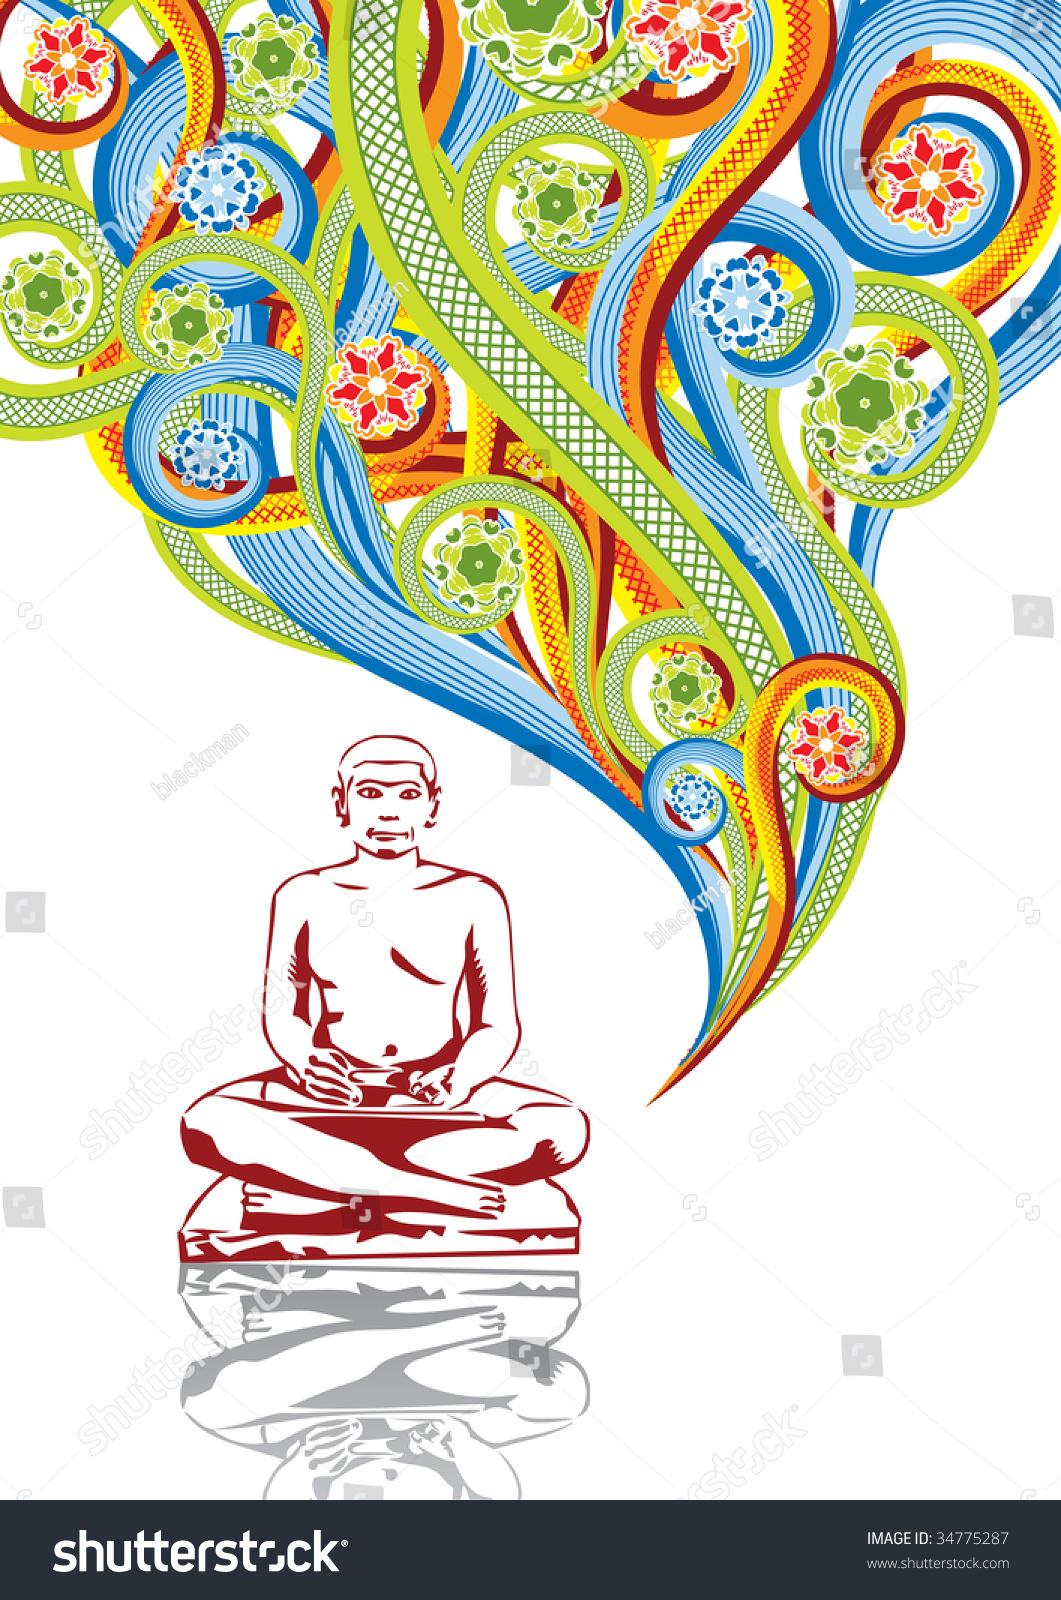 佛陀的抽象拼贴画.a4格式.看到这幅图向量在我的投资.